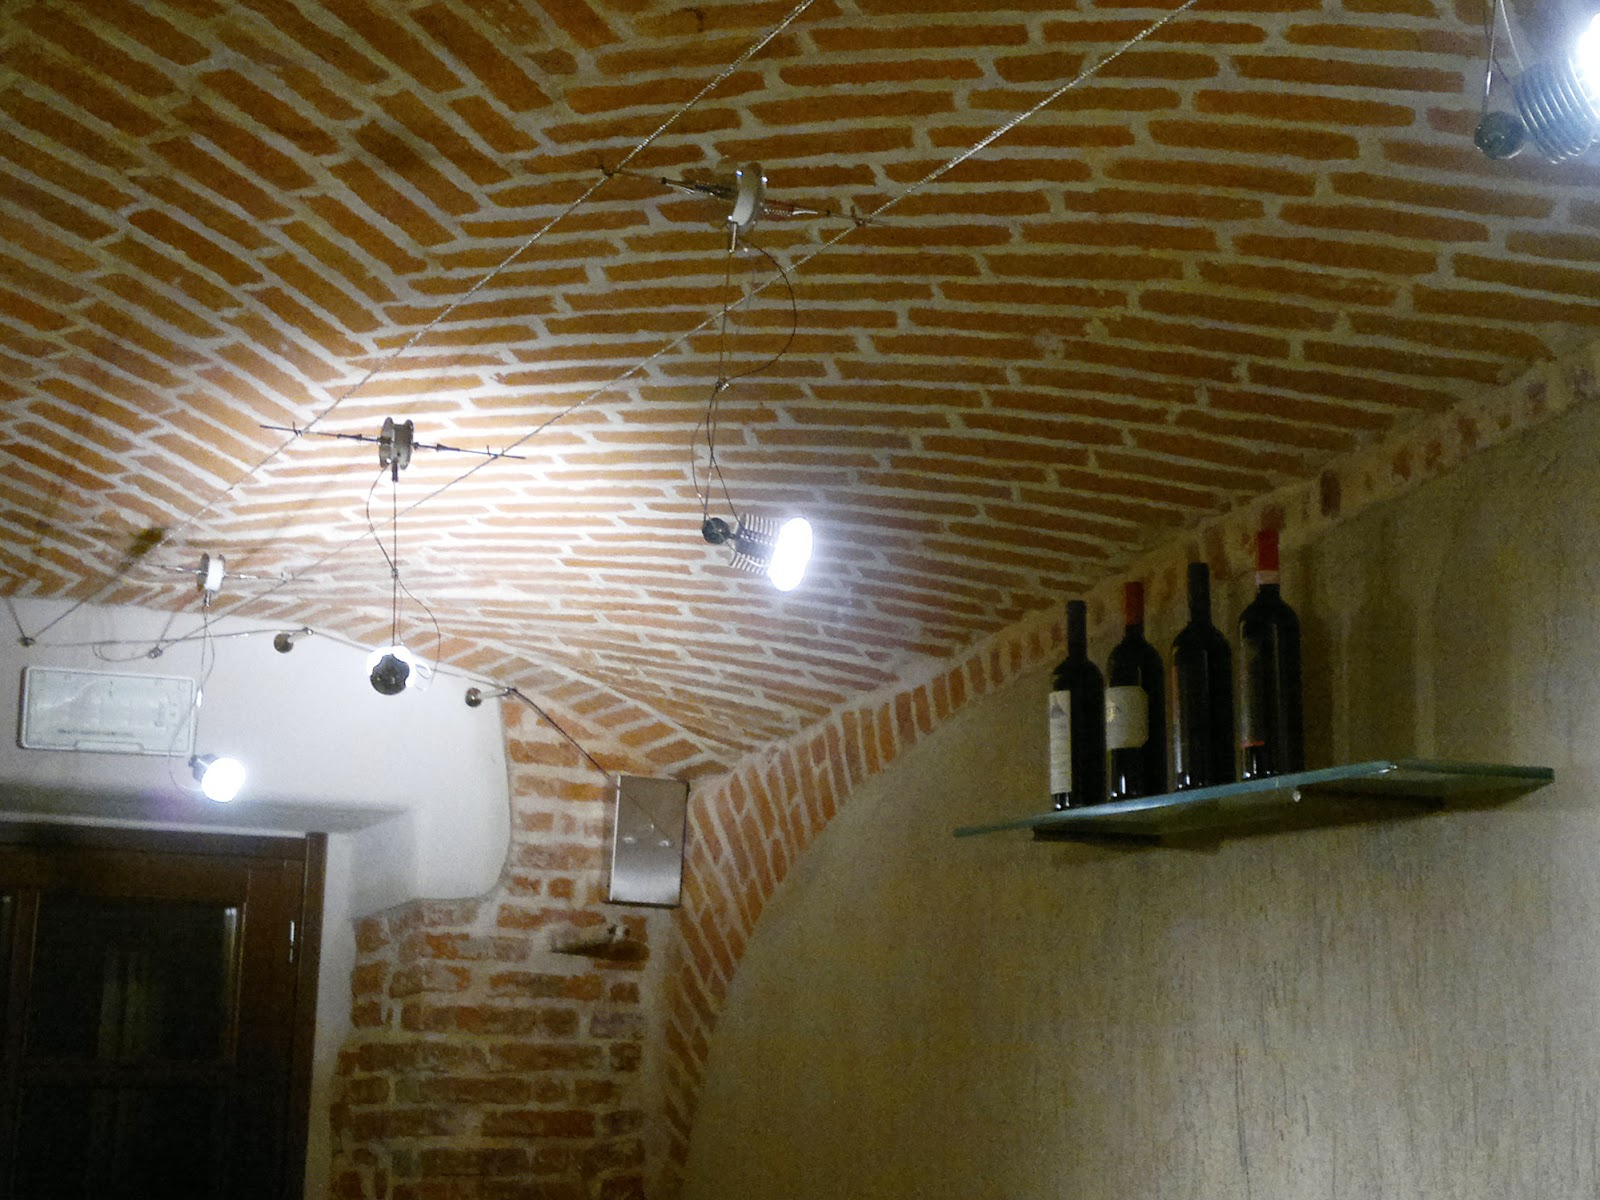 Illuminazione Led casa: Favria (TO) - Illuminazione LED del Ristorante da Enr...